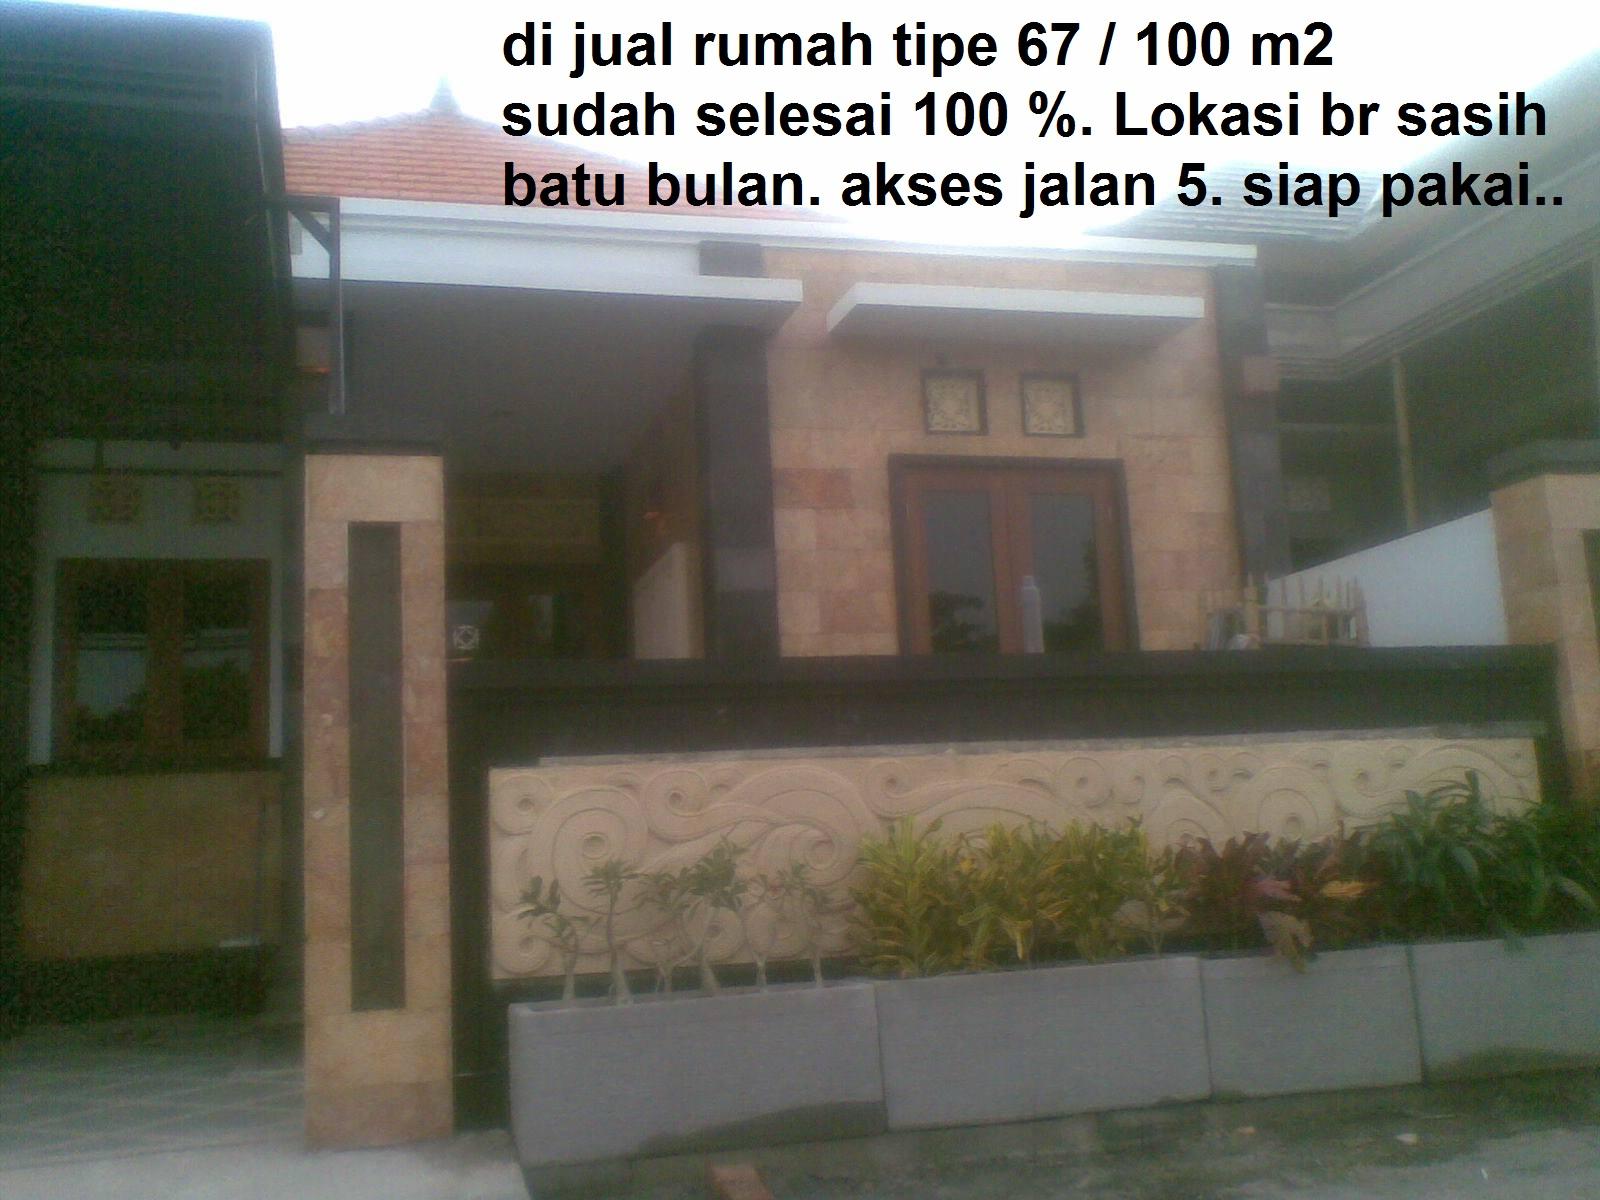 property bali13 di jual rumah tipe 67 100 m2 sudah